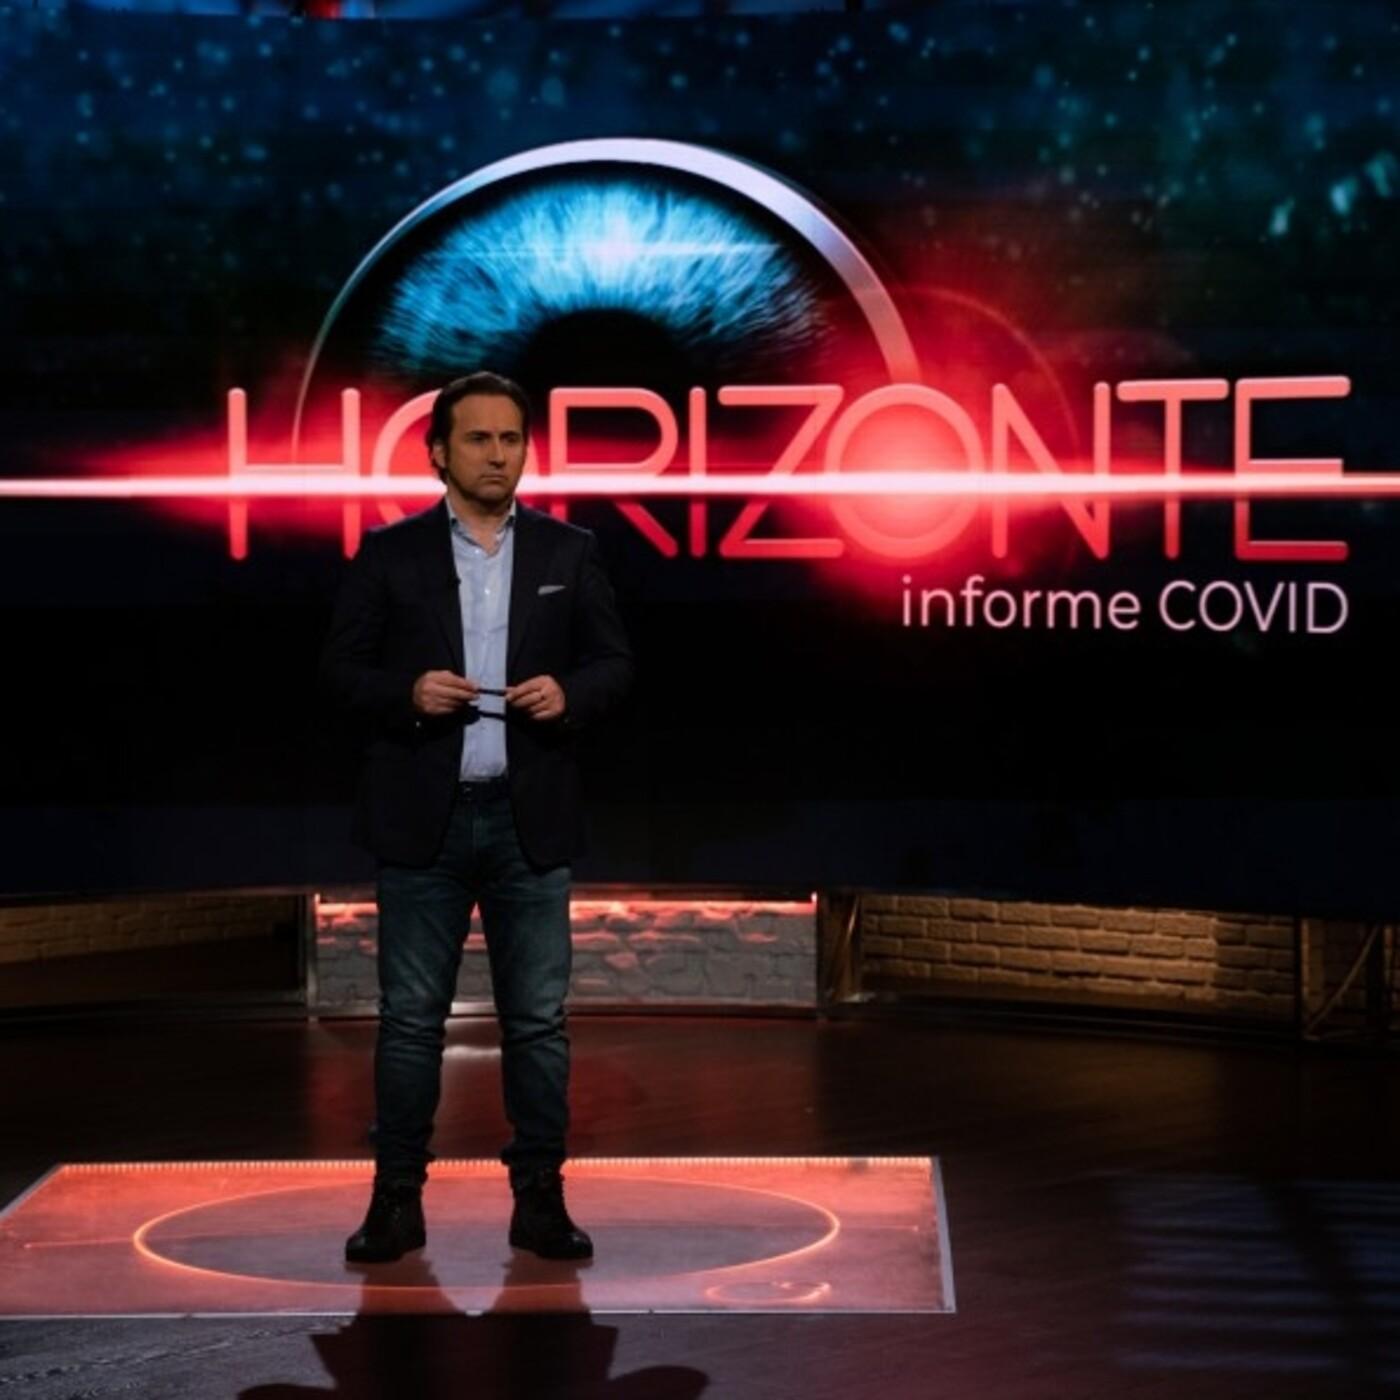 Horizonte T2x01 (09-09-2021): Última hora de la pandemia